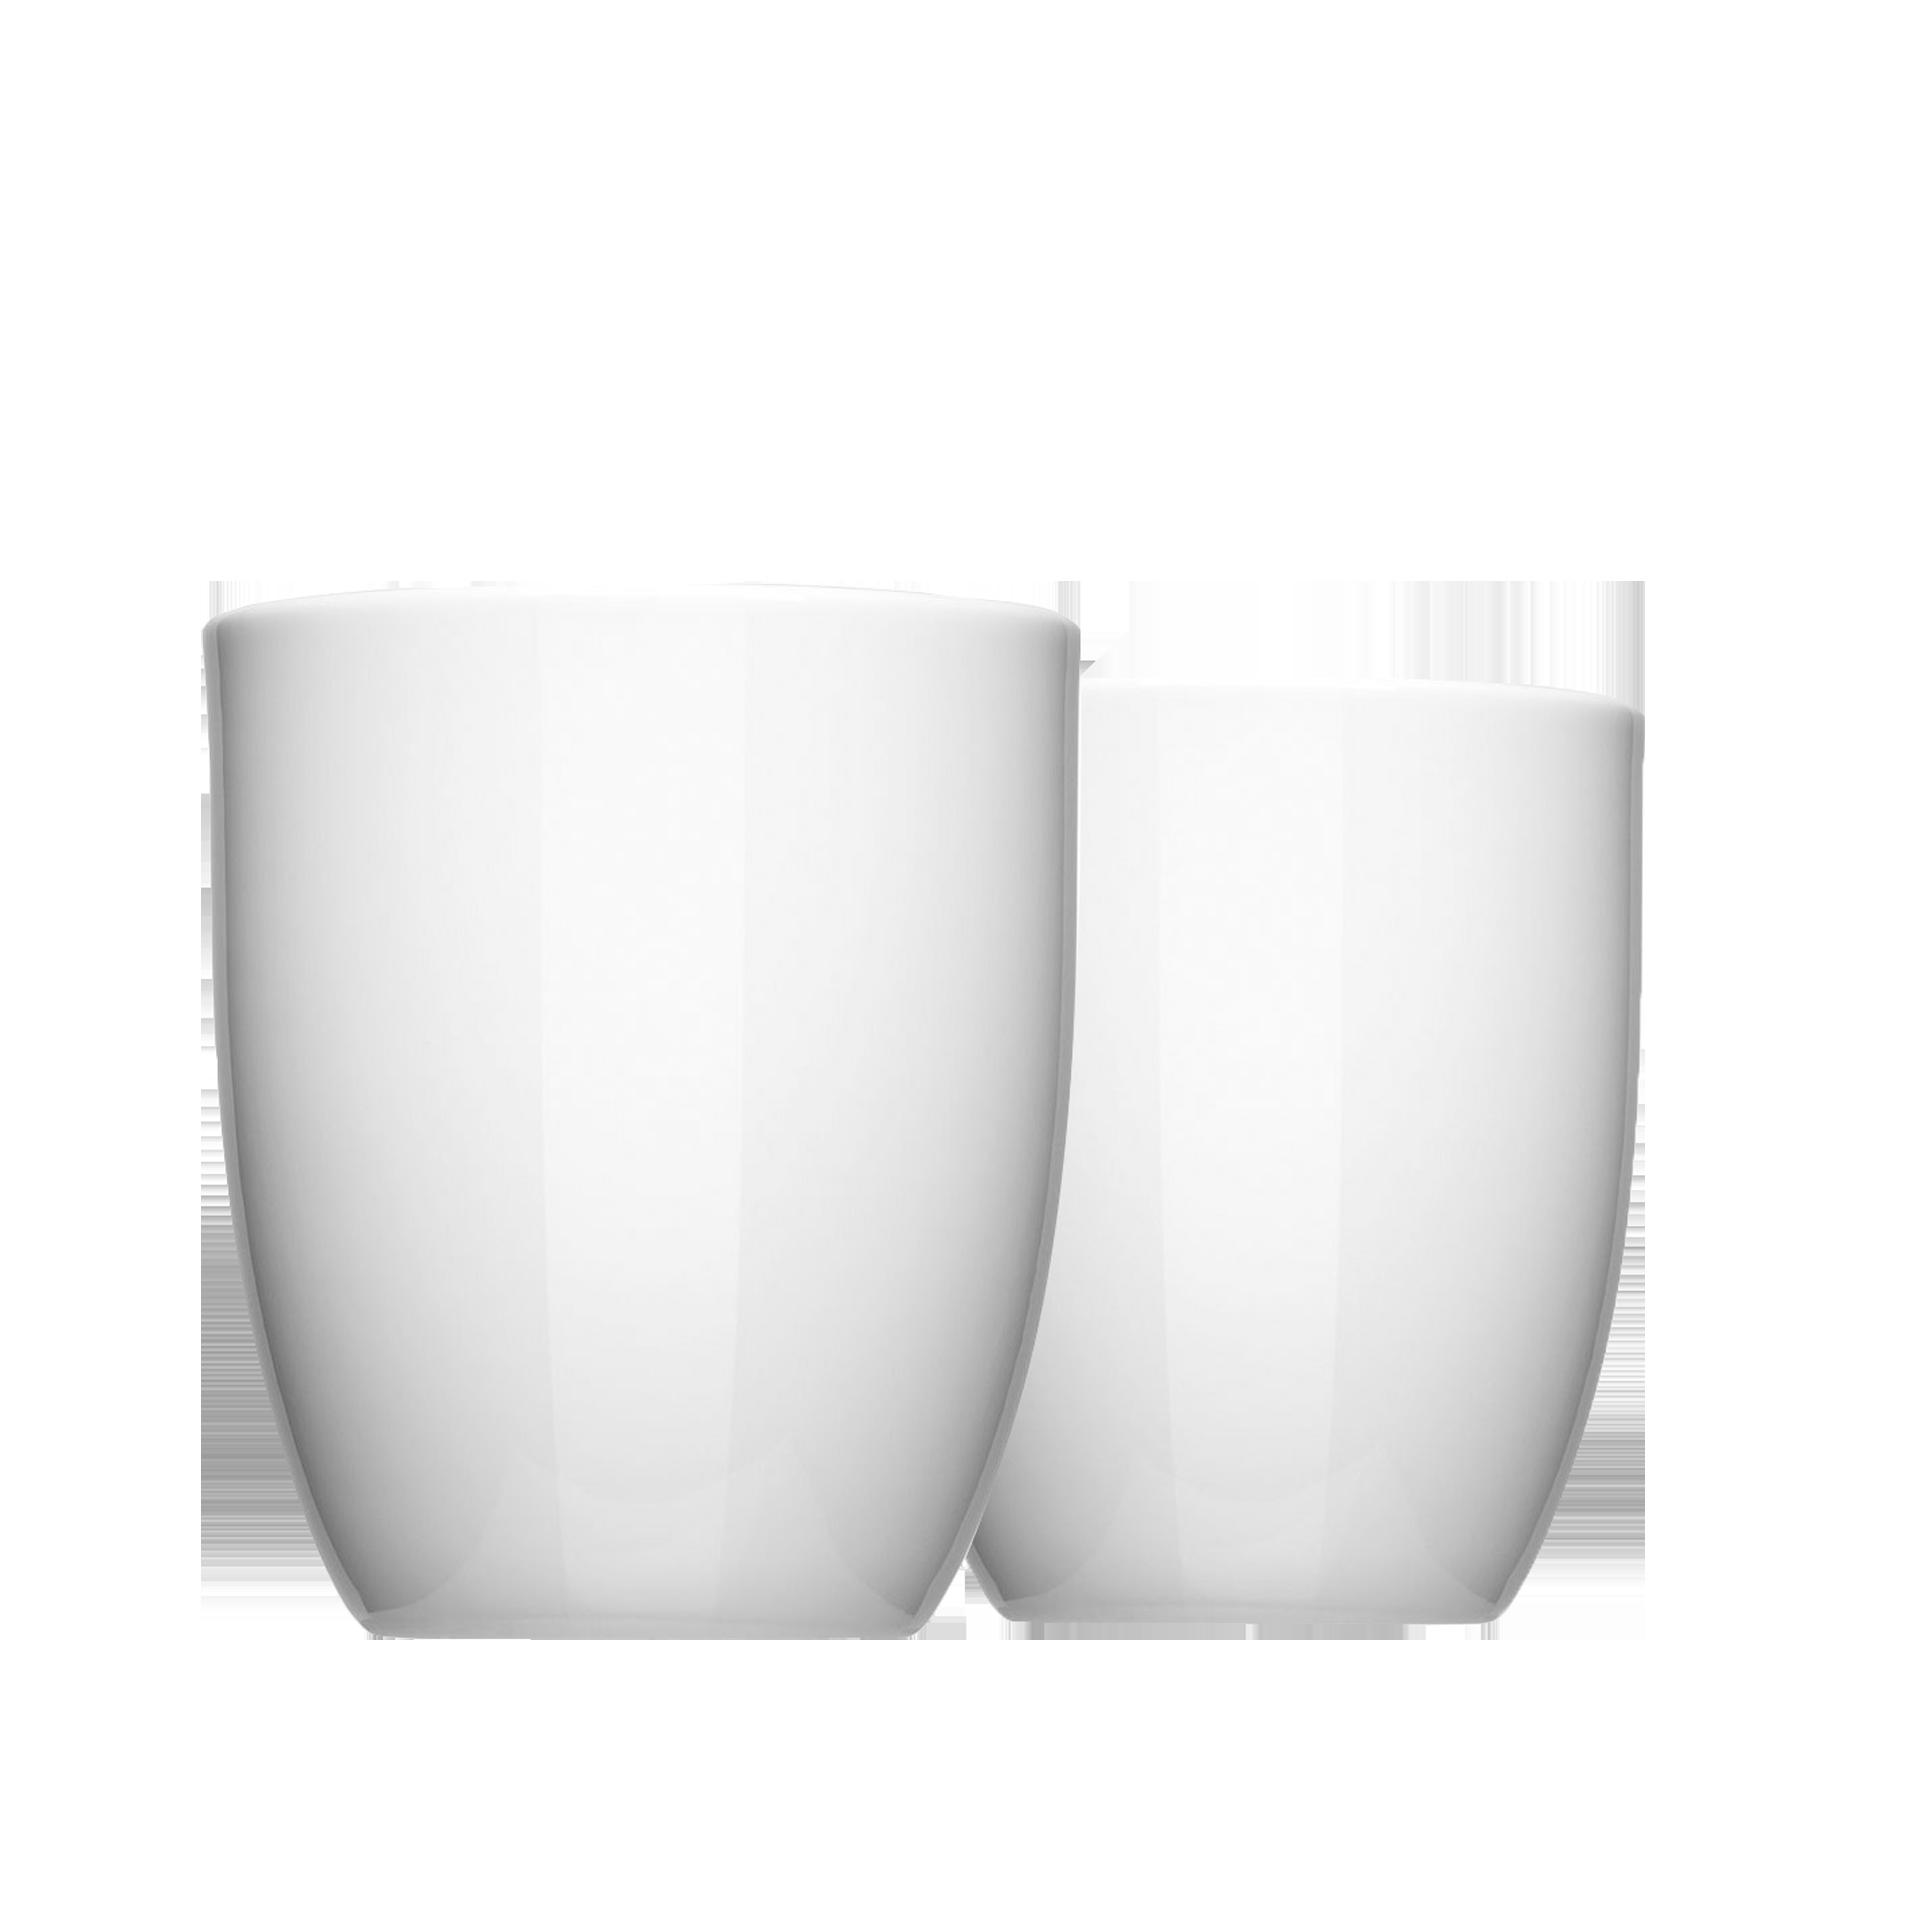 Hochwertige Teelichthalter aus Bone China Porzellan kaufen